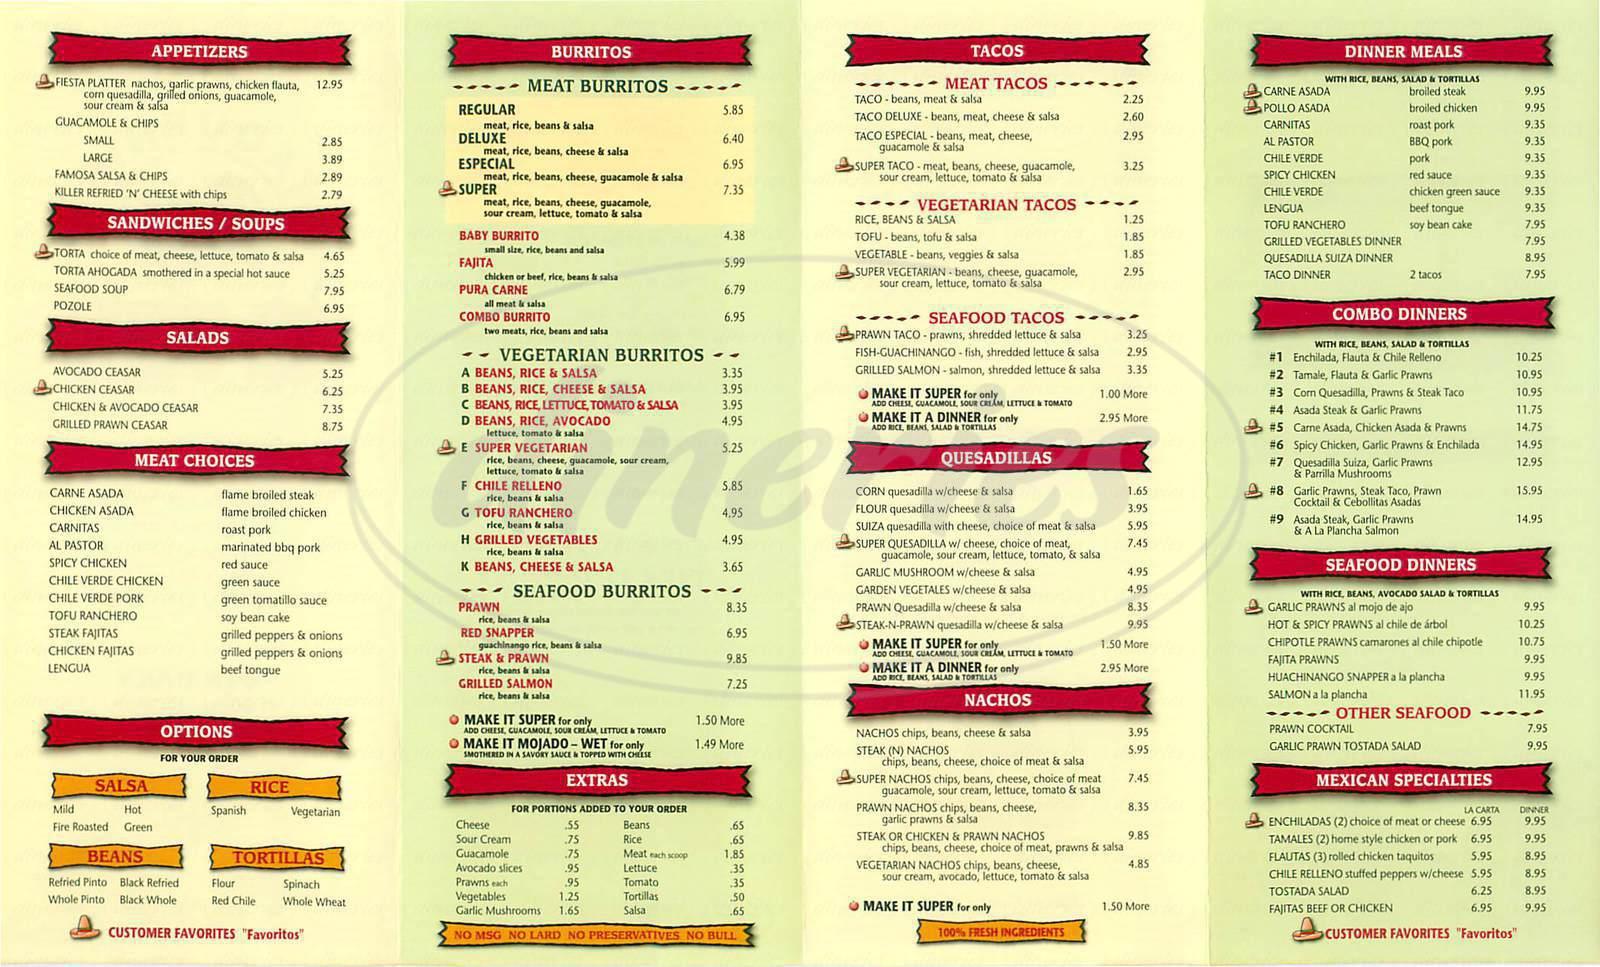 menu for El Toro Taqueria